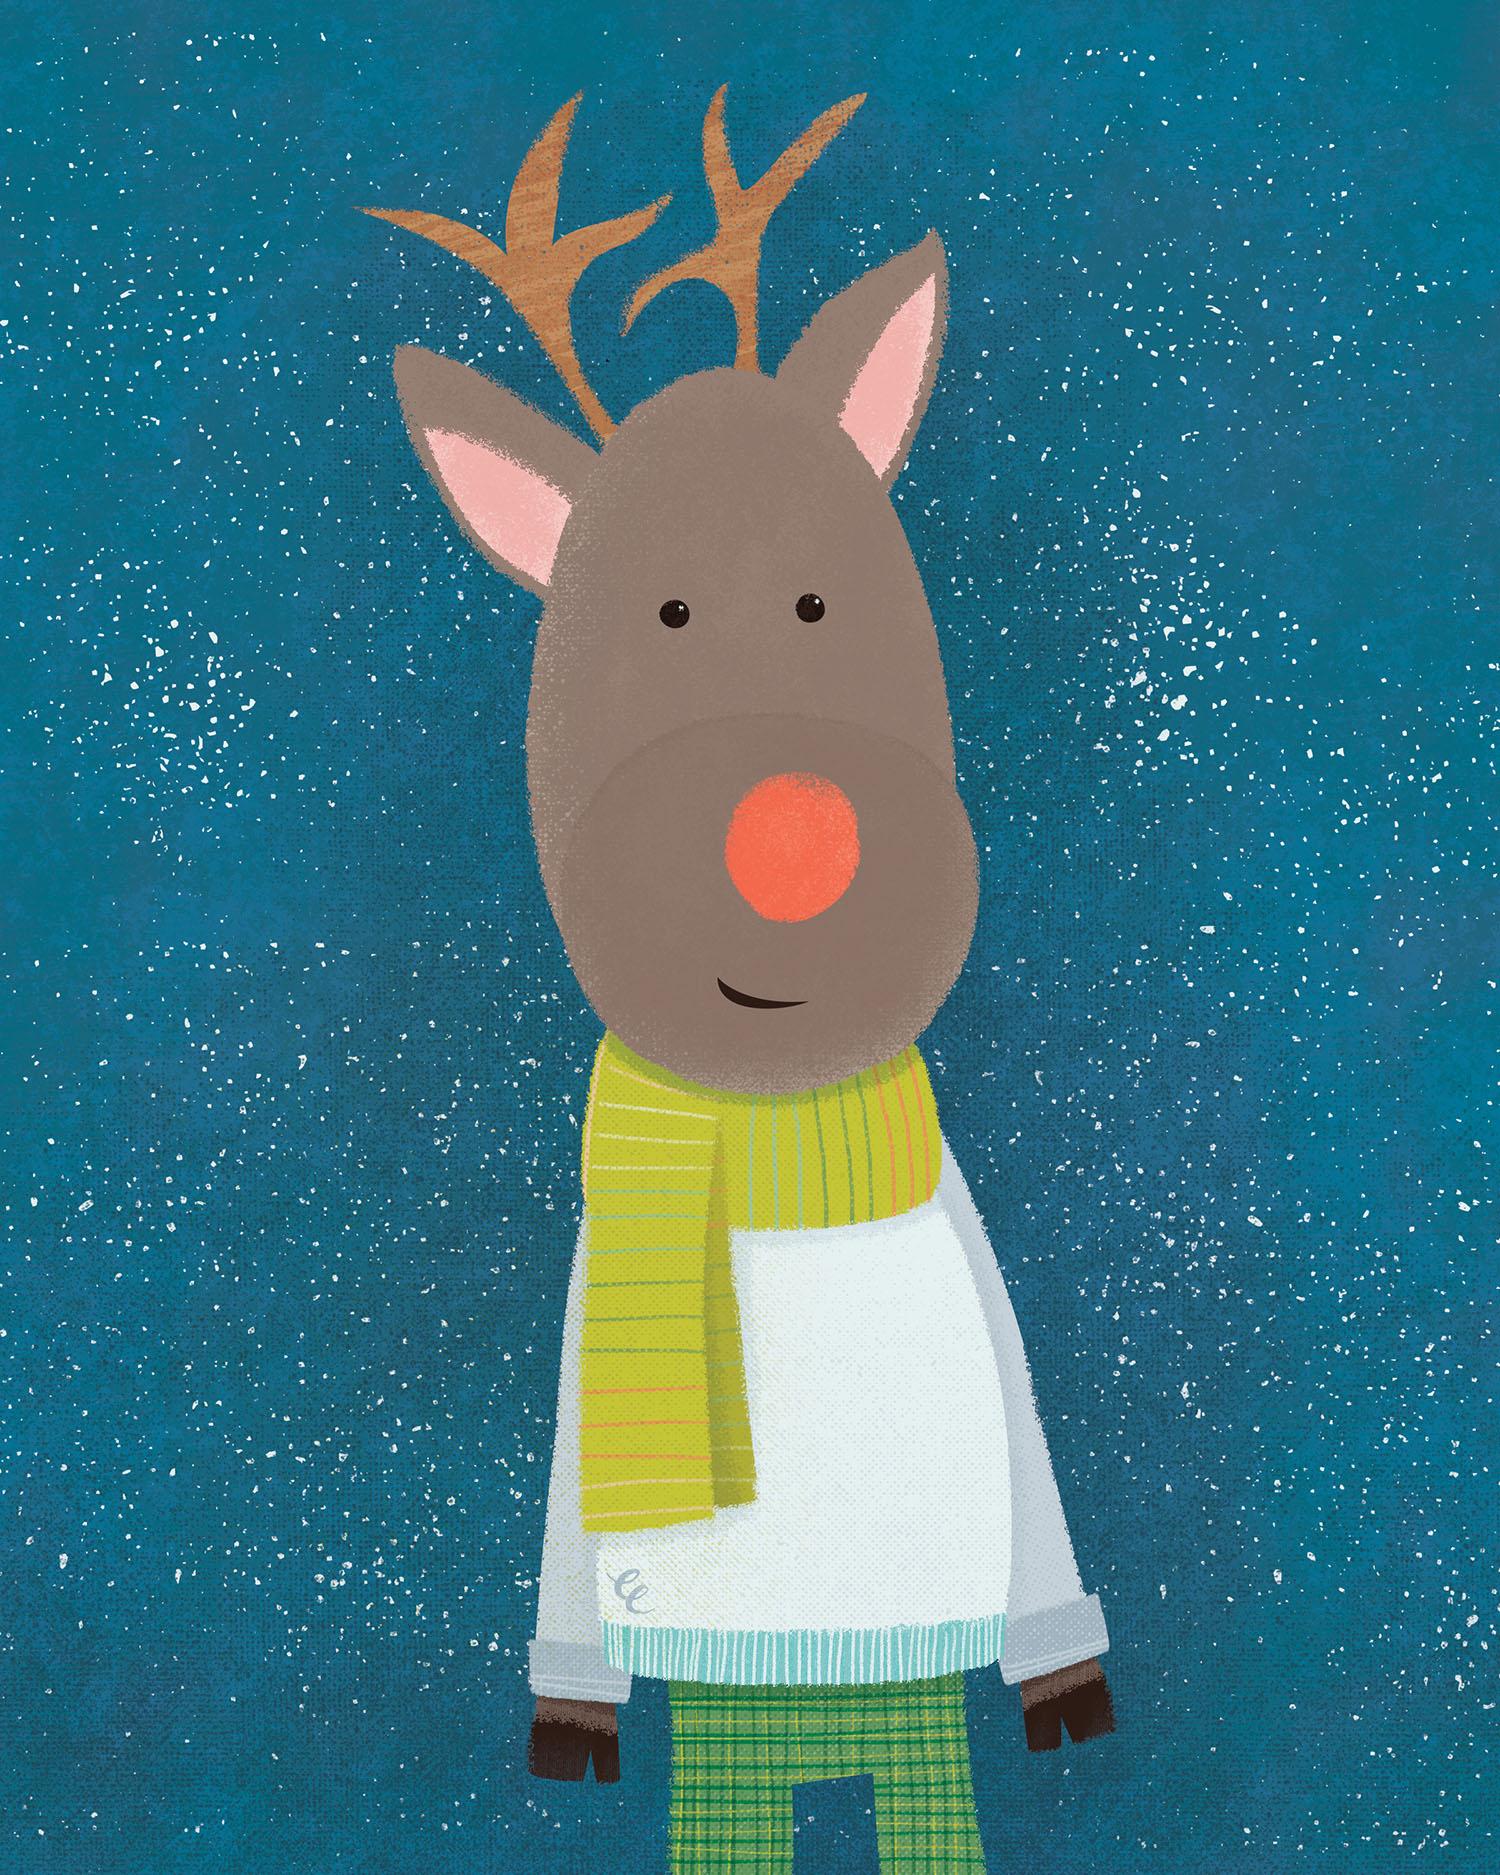 WEEK 47: Wintry Reindeer